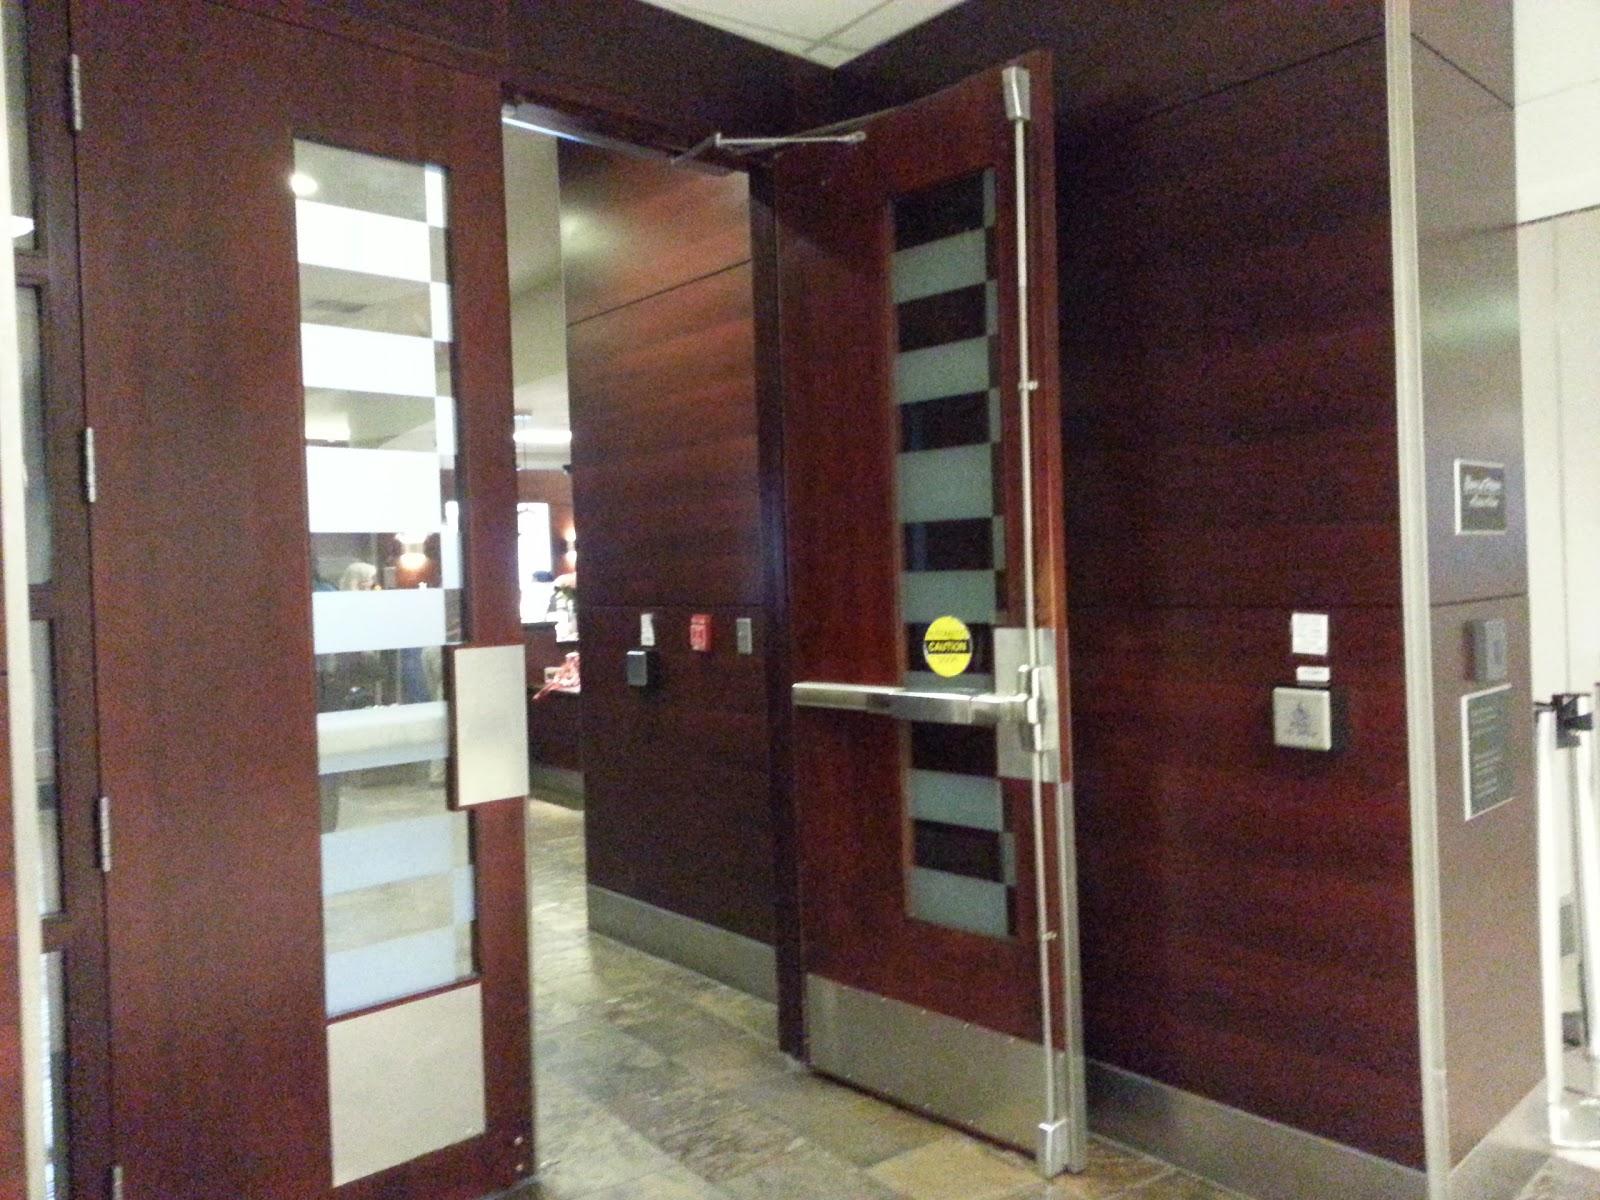 life is short let 39 s enjoy seattle alaska board room. Black Bedroom Furniture Sets. Home Design Ideas